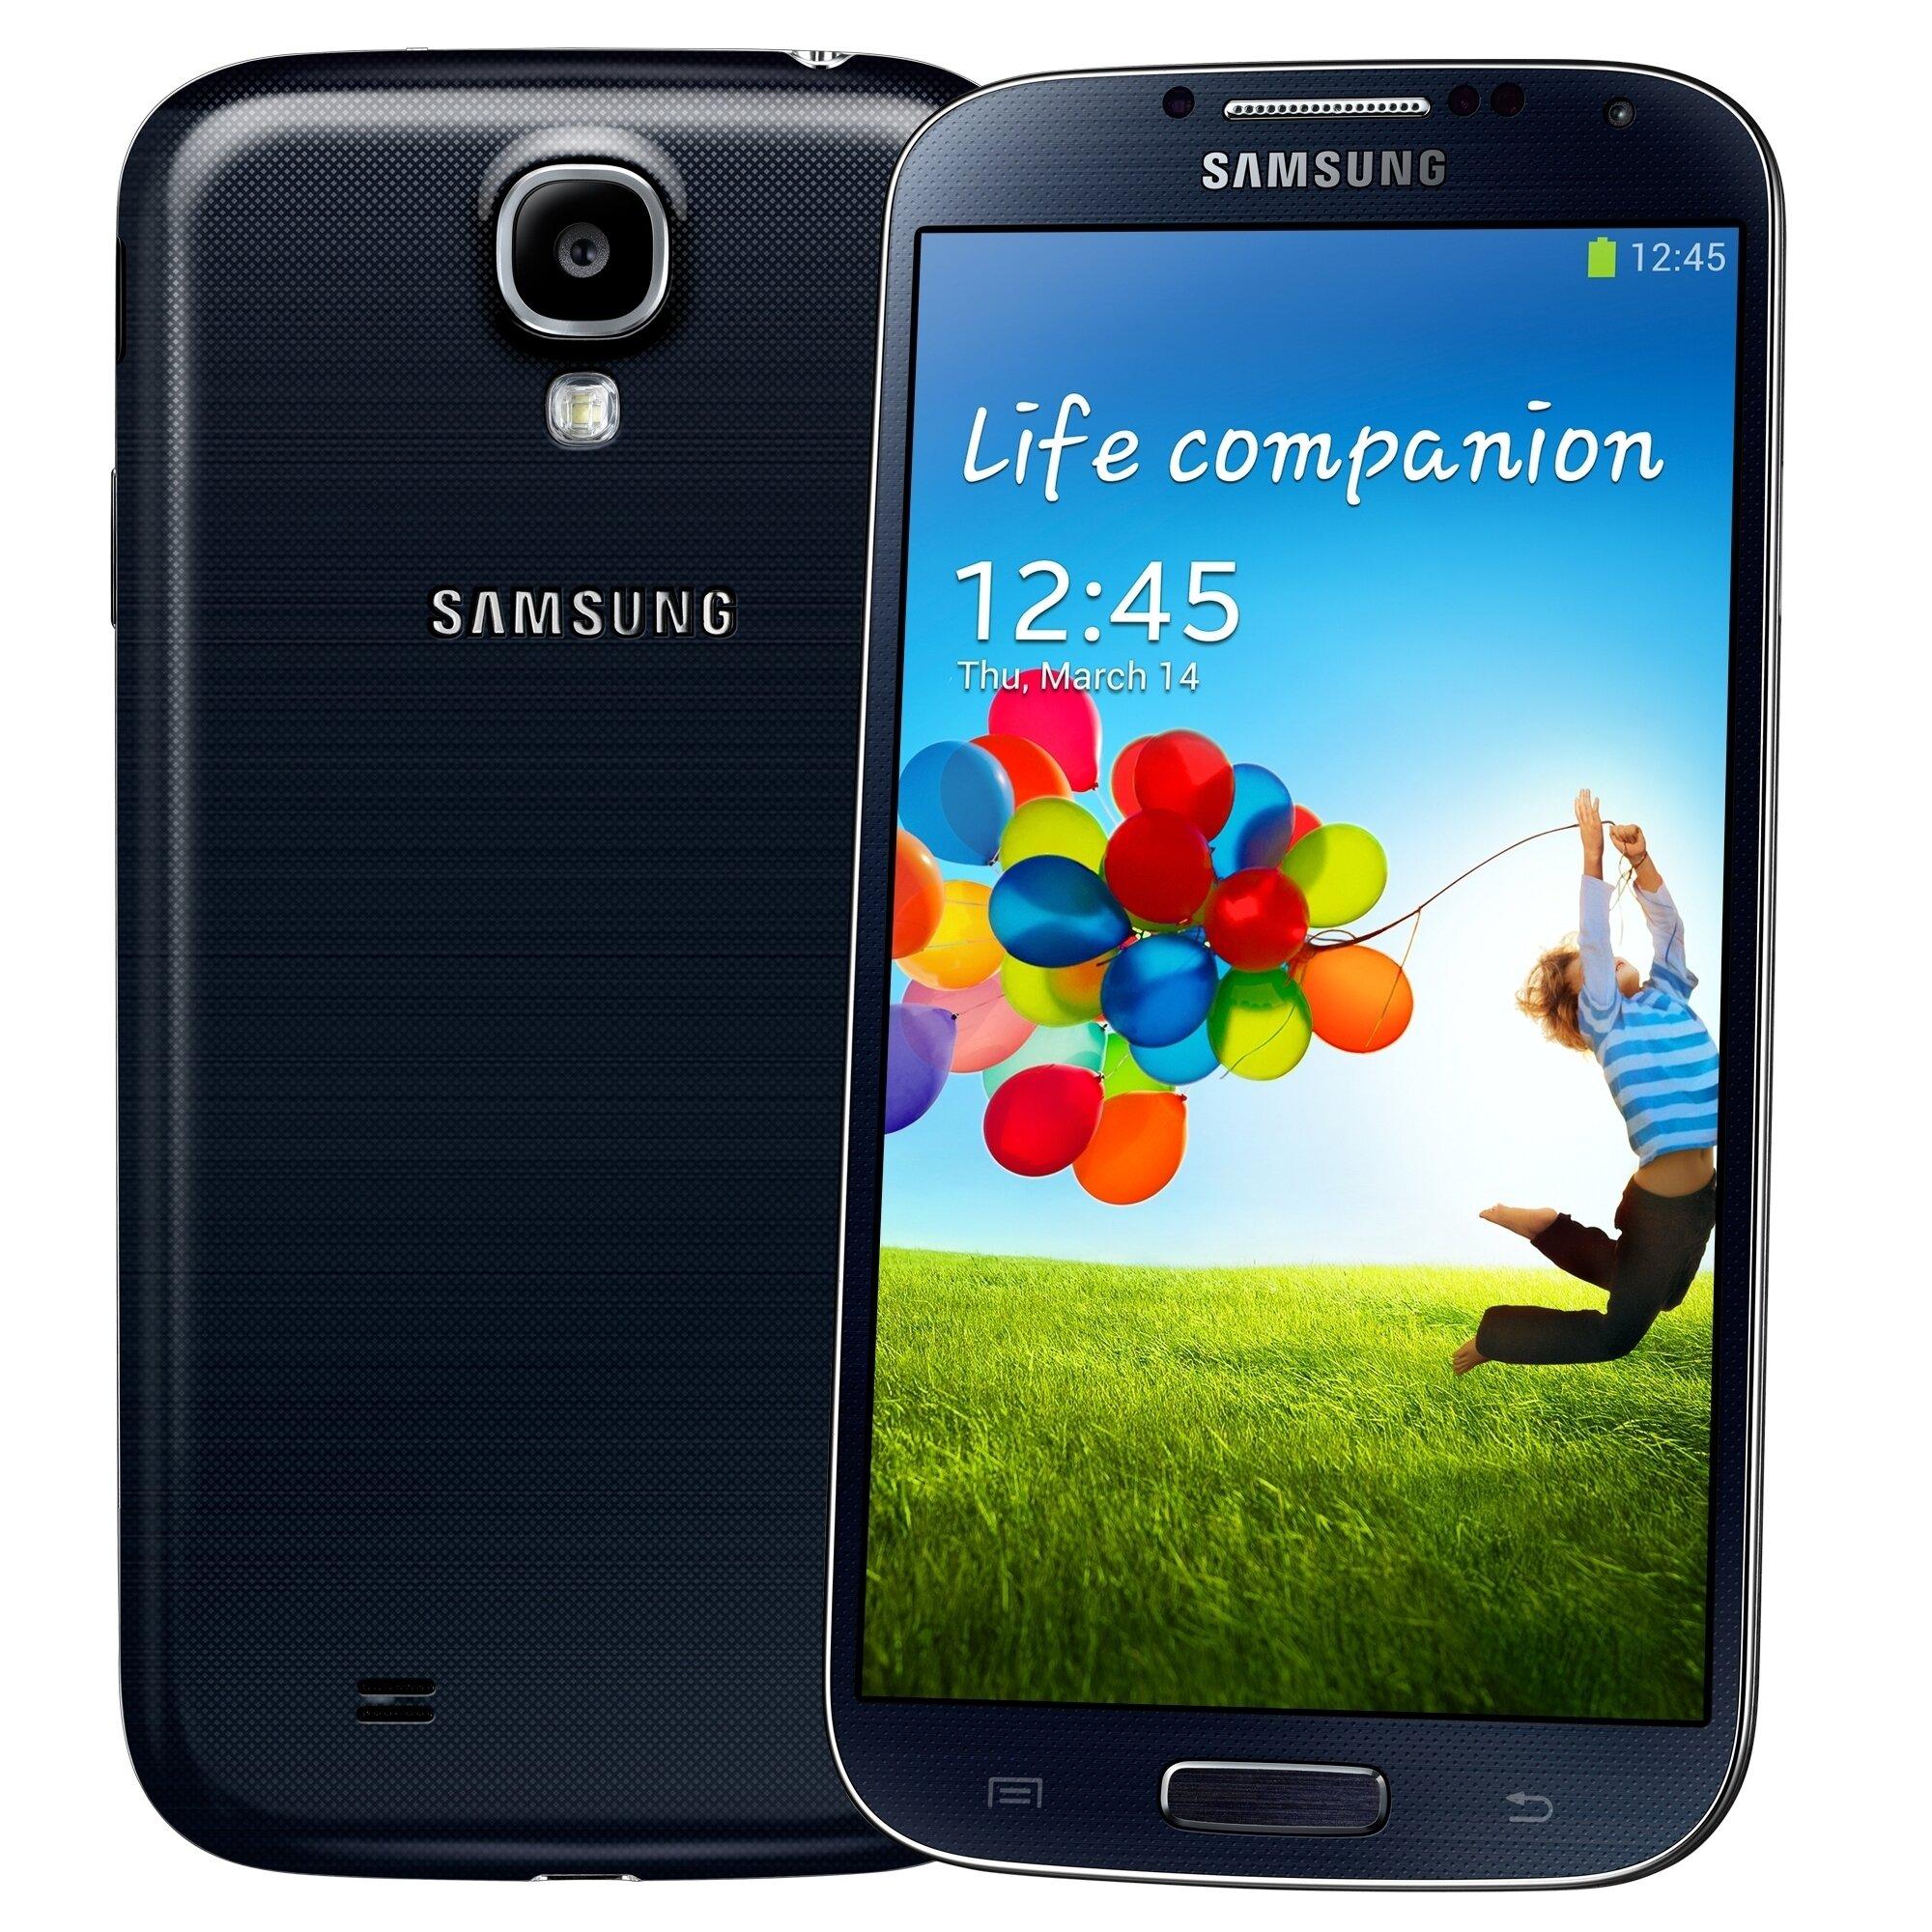 So sánh điện thoại Sony Xperia Acro S và Samsung Galaxy S4 i